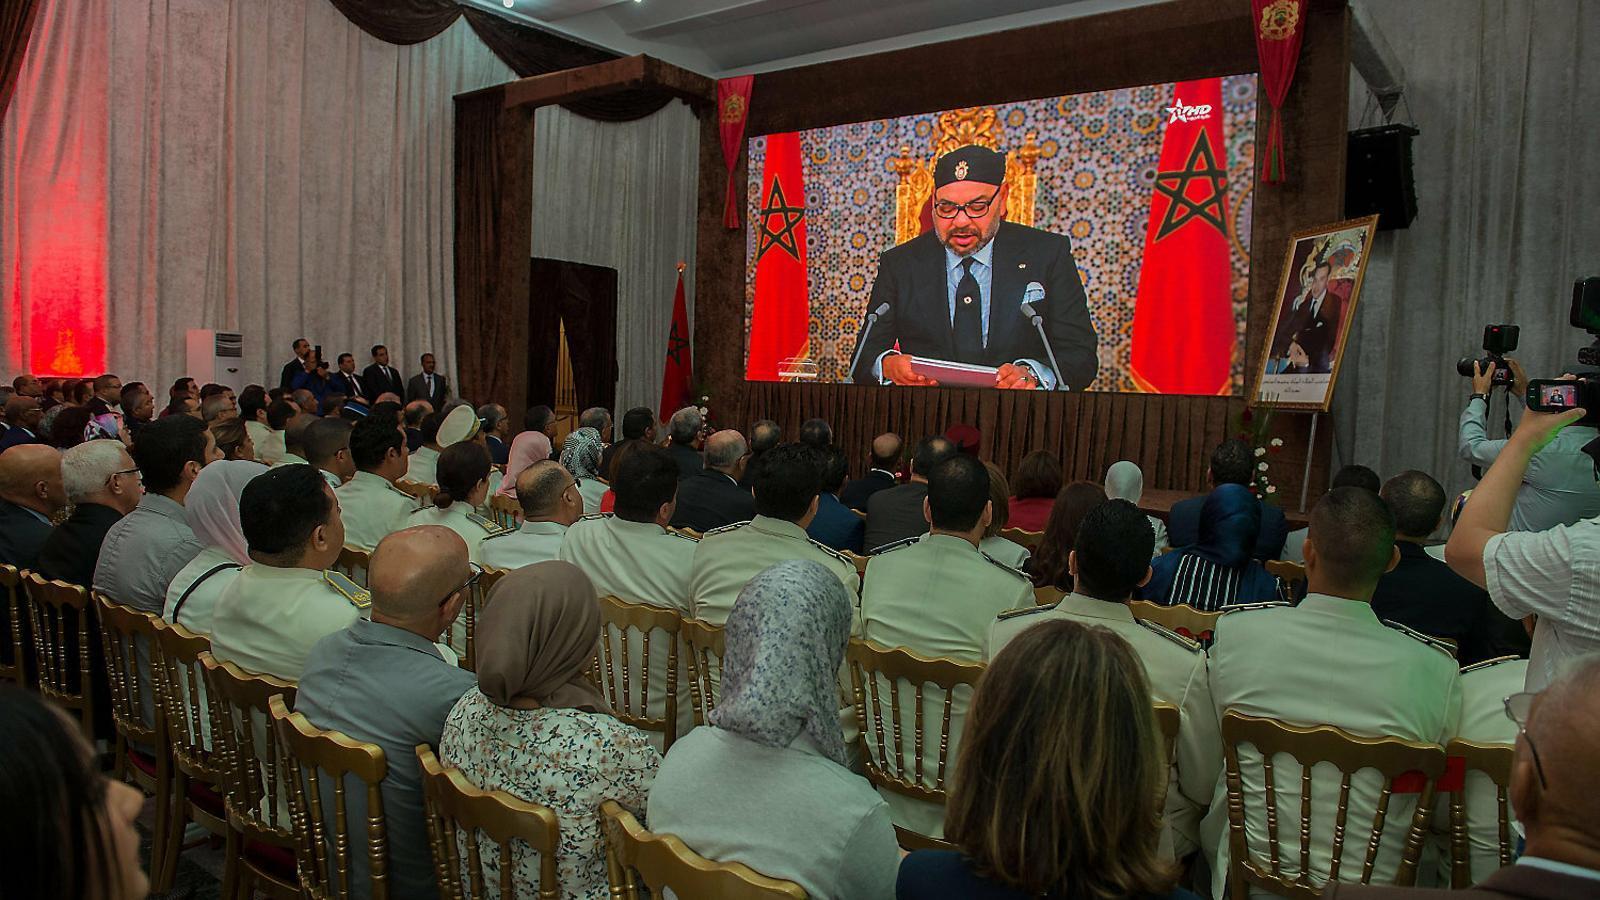 Mohamed VI, dues dècades d'expectatives frustrades